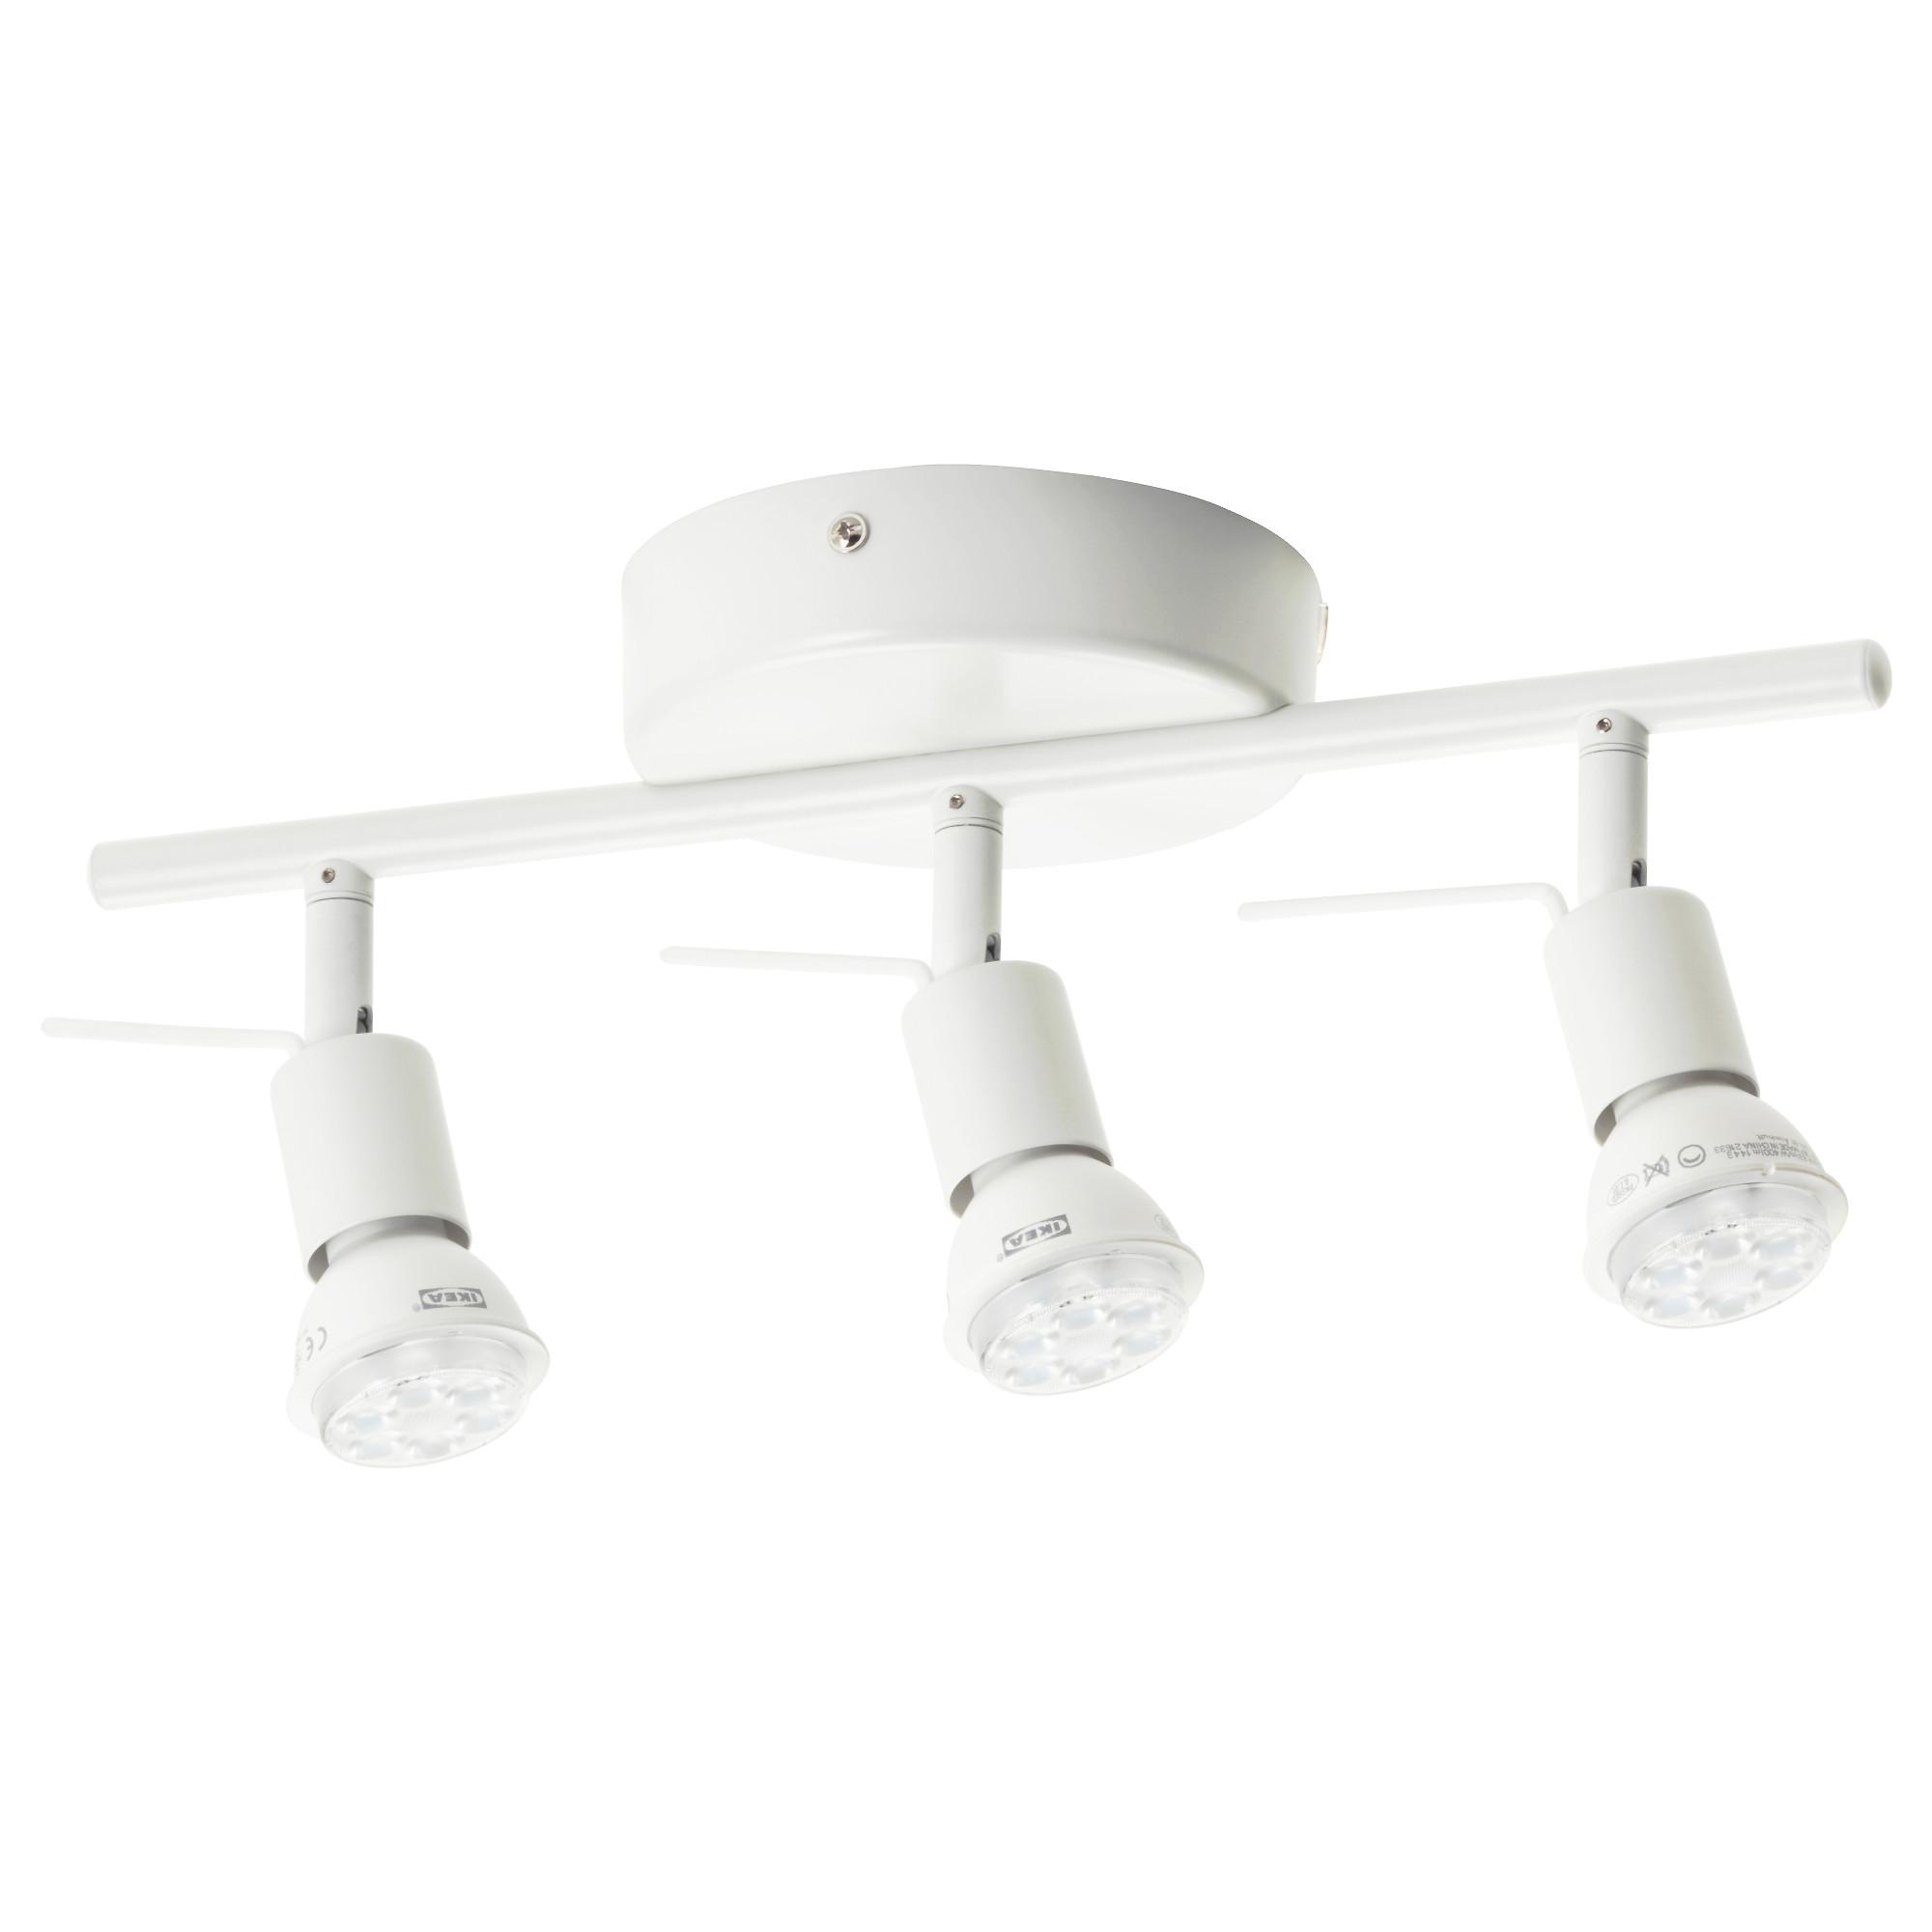 Tross Ikea Bedroom Ceiling Lamps Komnit Store